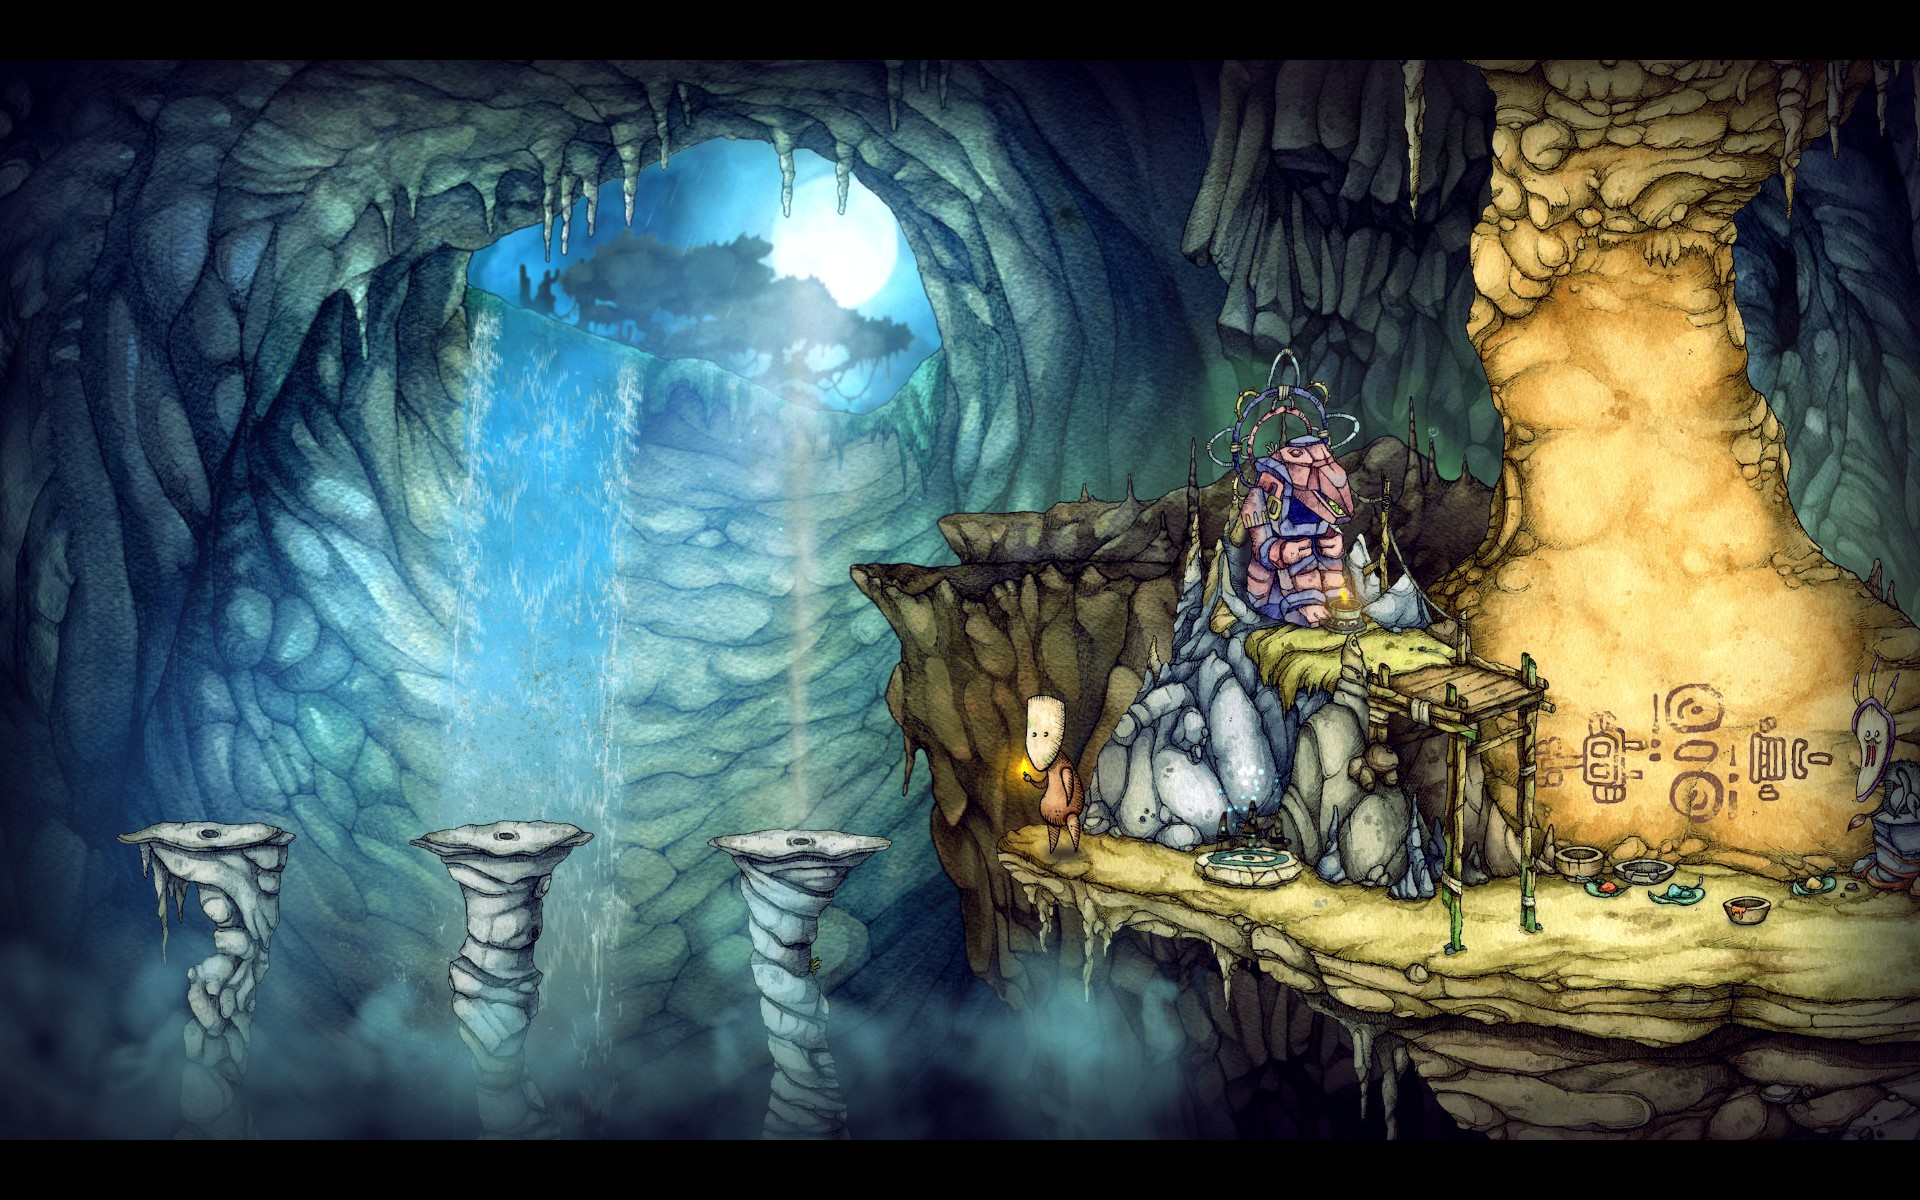 Screenshot: Teku steht vor Plattformen aus denen Wasser sprüht.